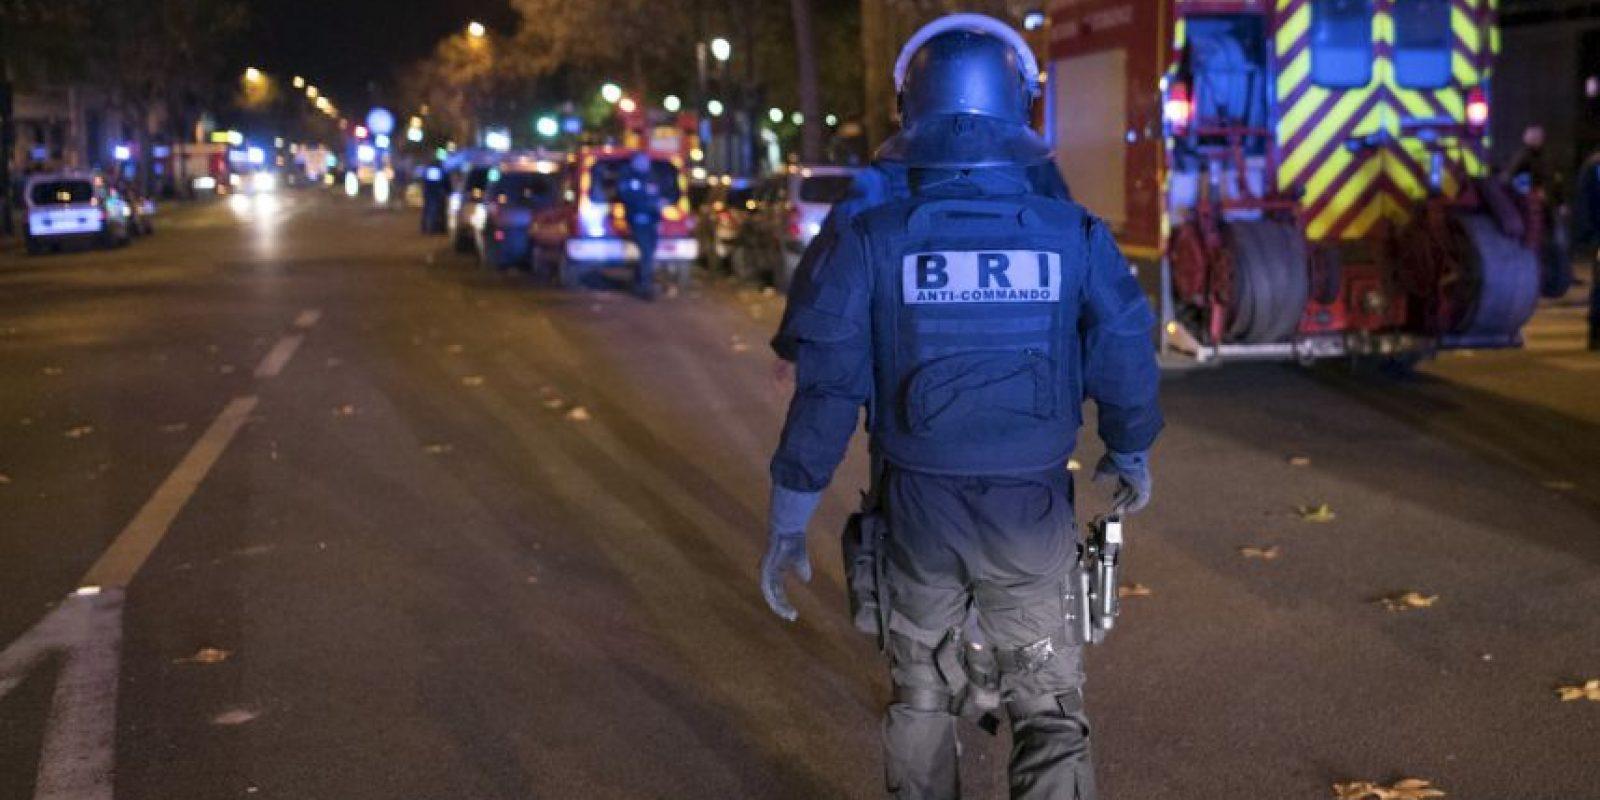 La investigación sobre los atentados, que se realizaron de forma simultánea, continúa abierta. Foto:AP